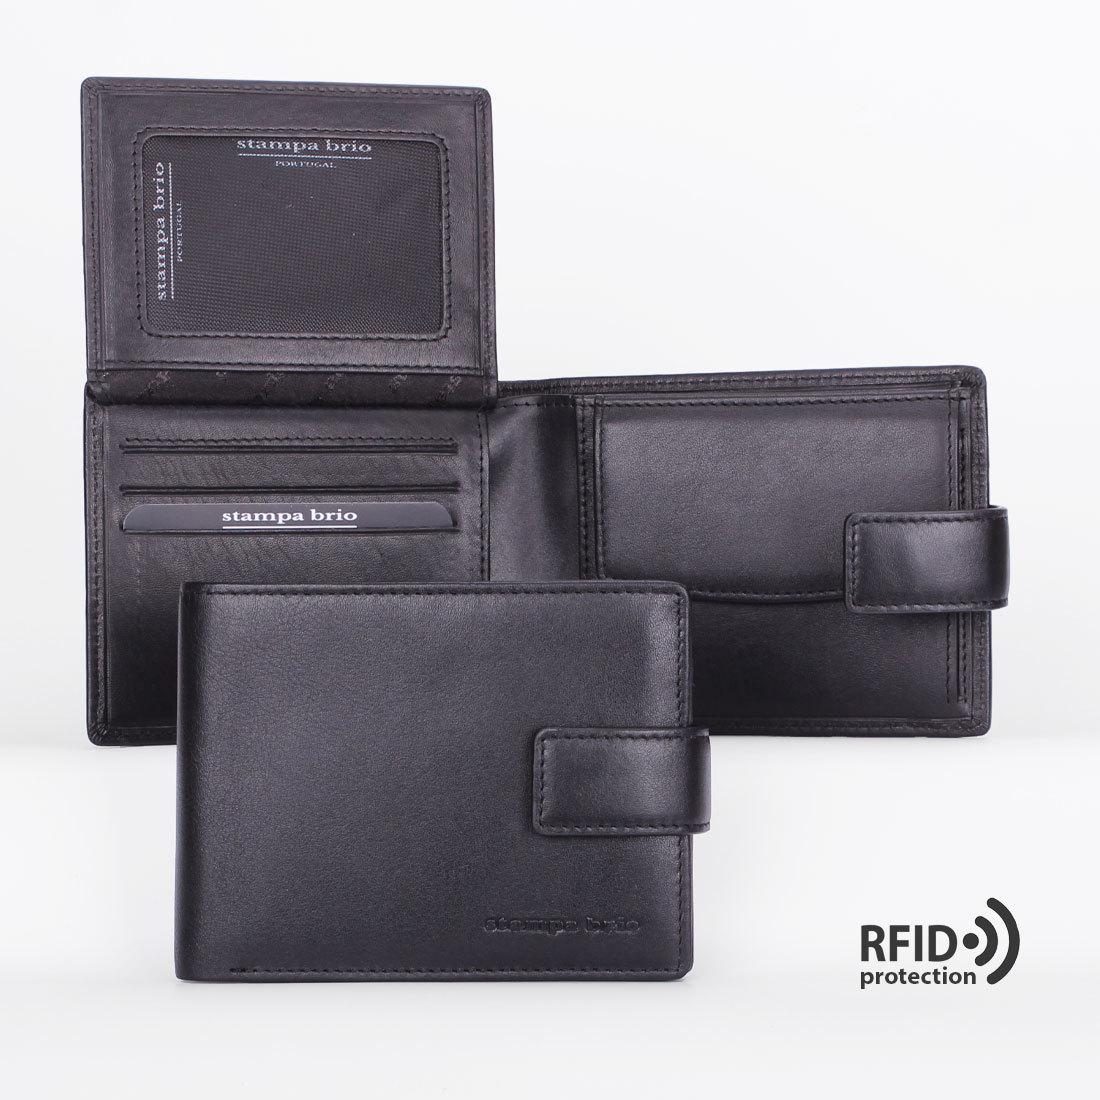 651 R - Портмоне потайным отделением и RFID защитой